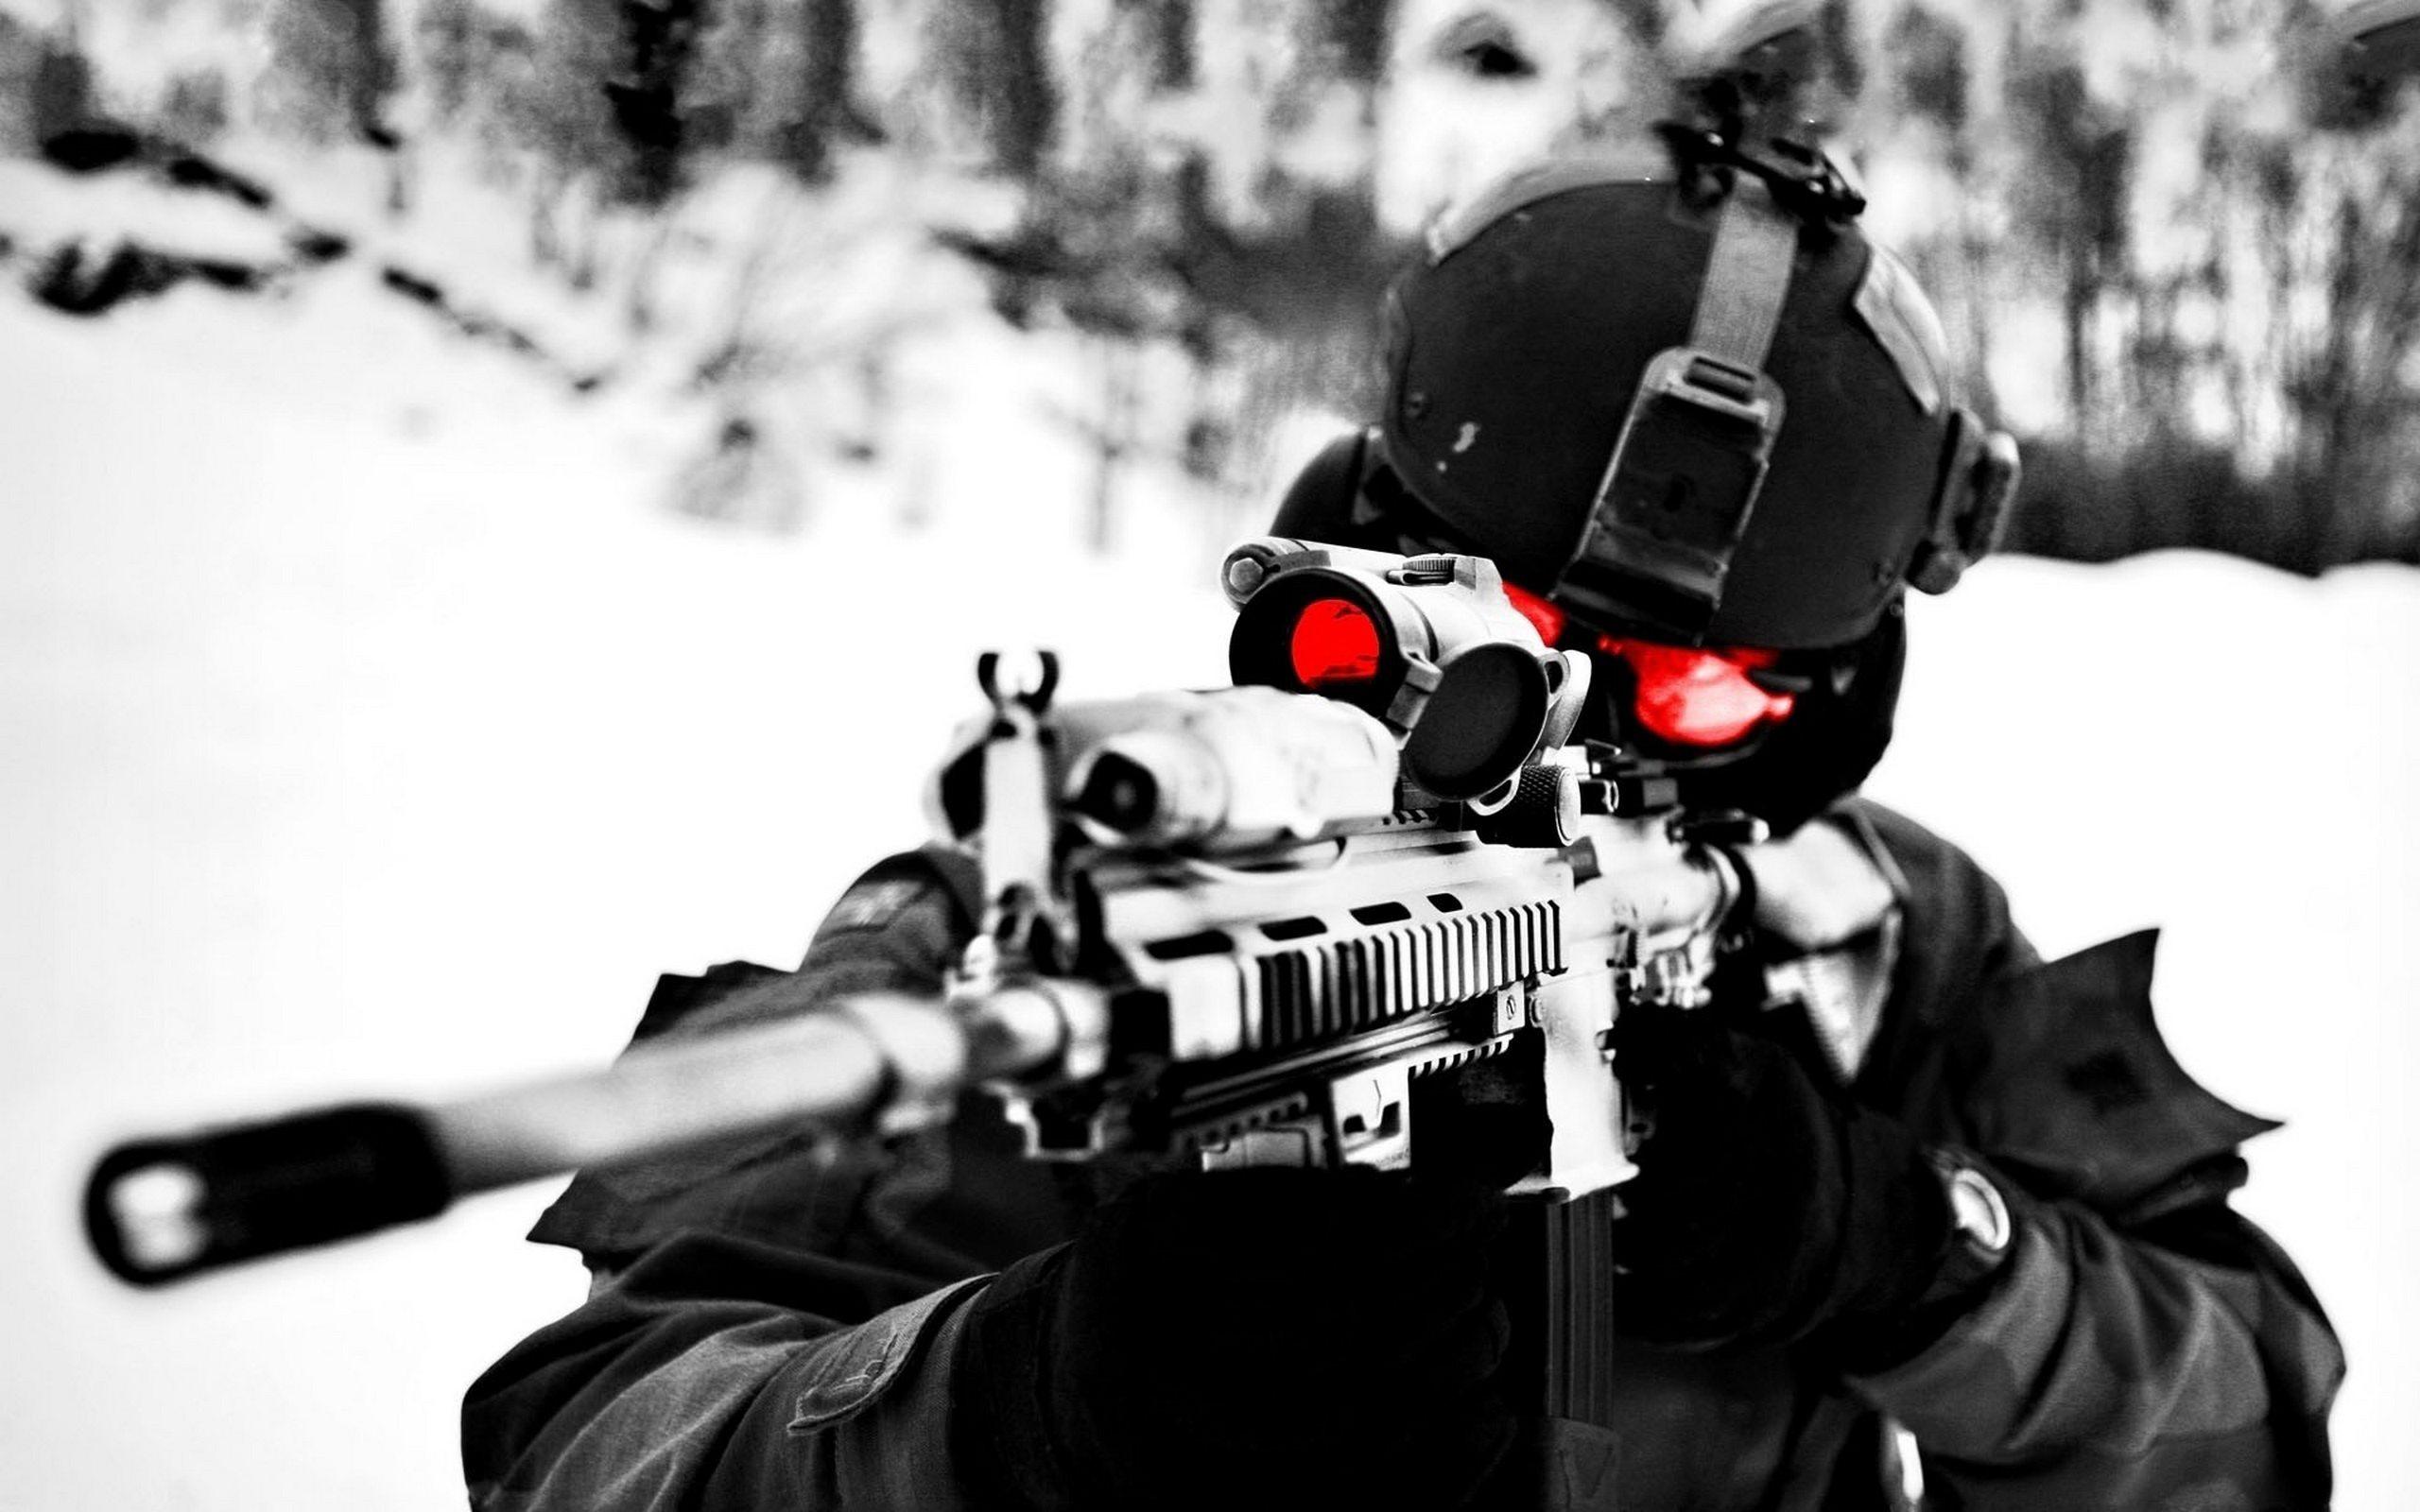 Sąsiad Polski przygotował służby specjalne do ataku